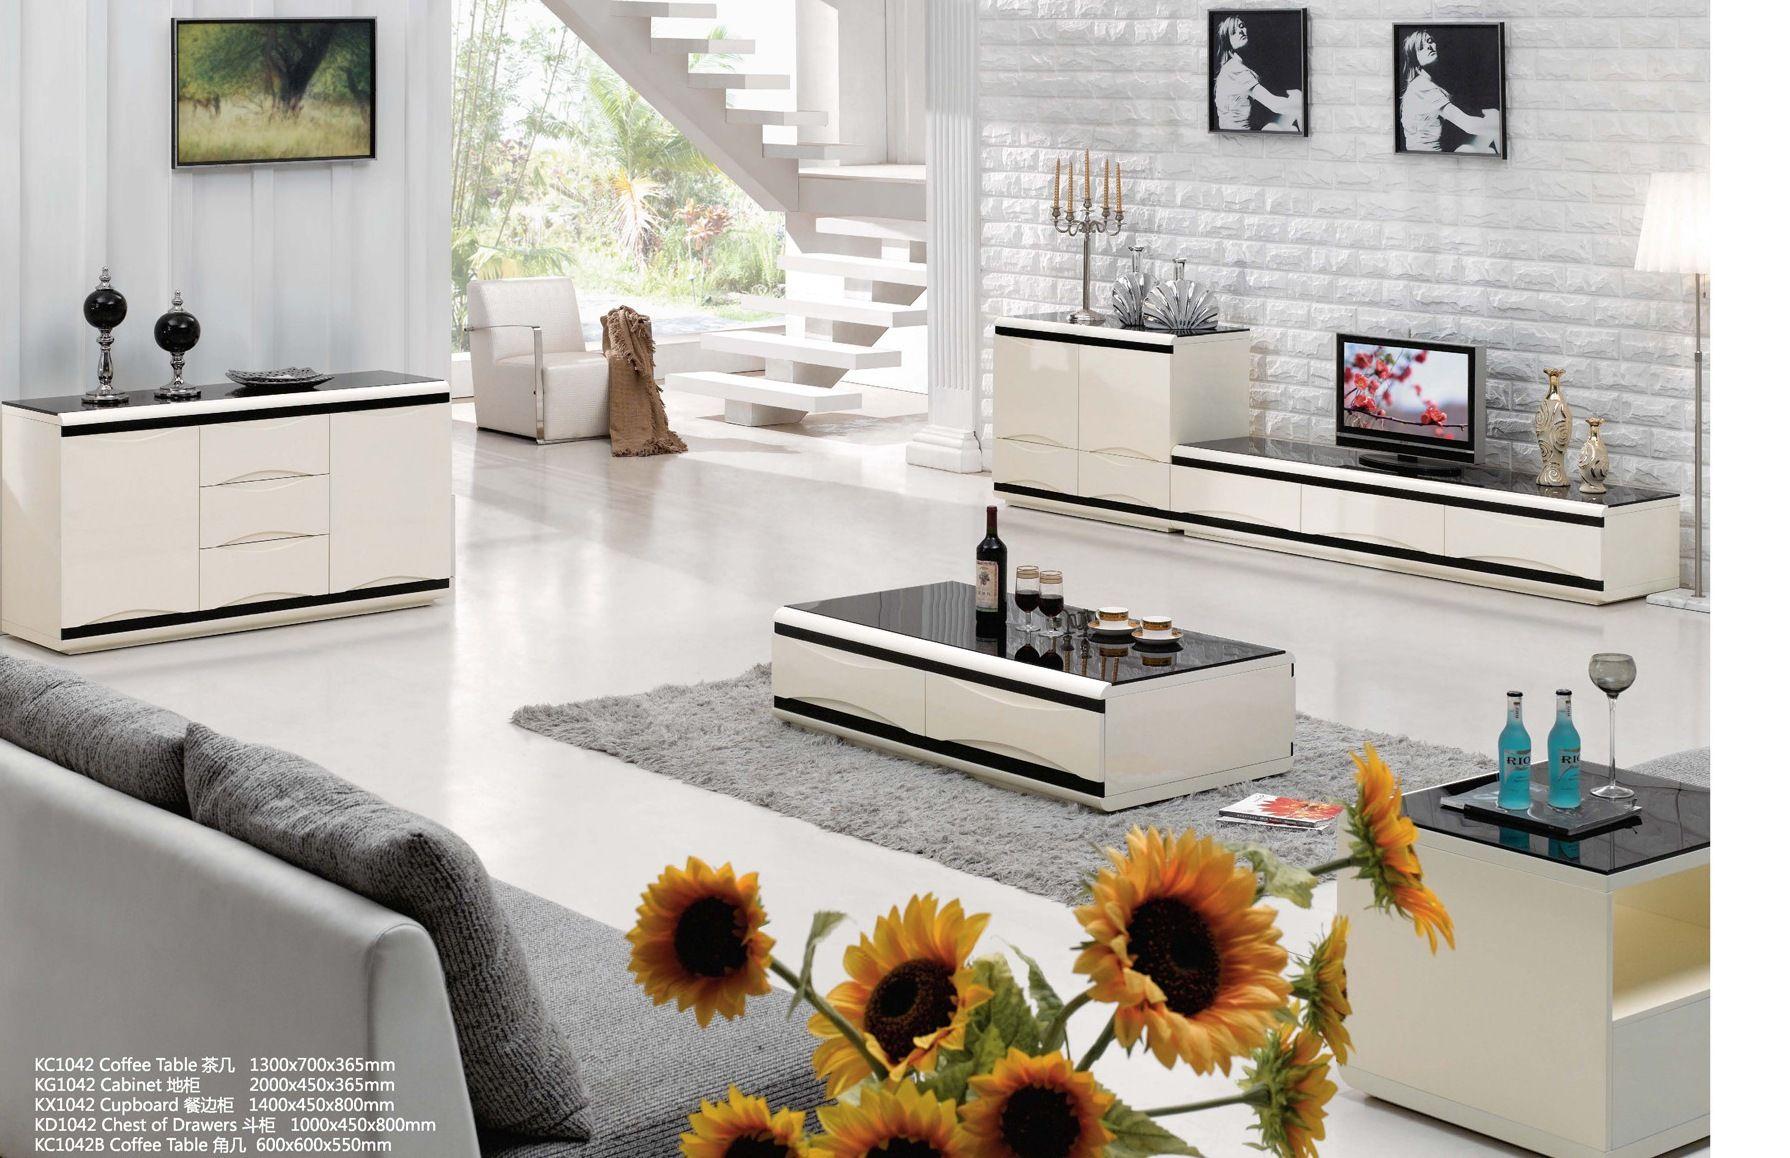 Luxus Meuble Tv Et Table Basse Id Es De Conception De Table Basse # Meuble Tele Table Basse Table Manger Buffet Assorti Bois Clair